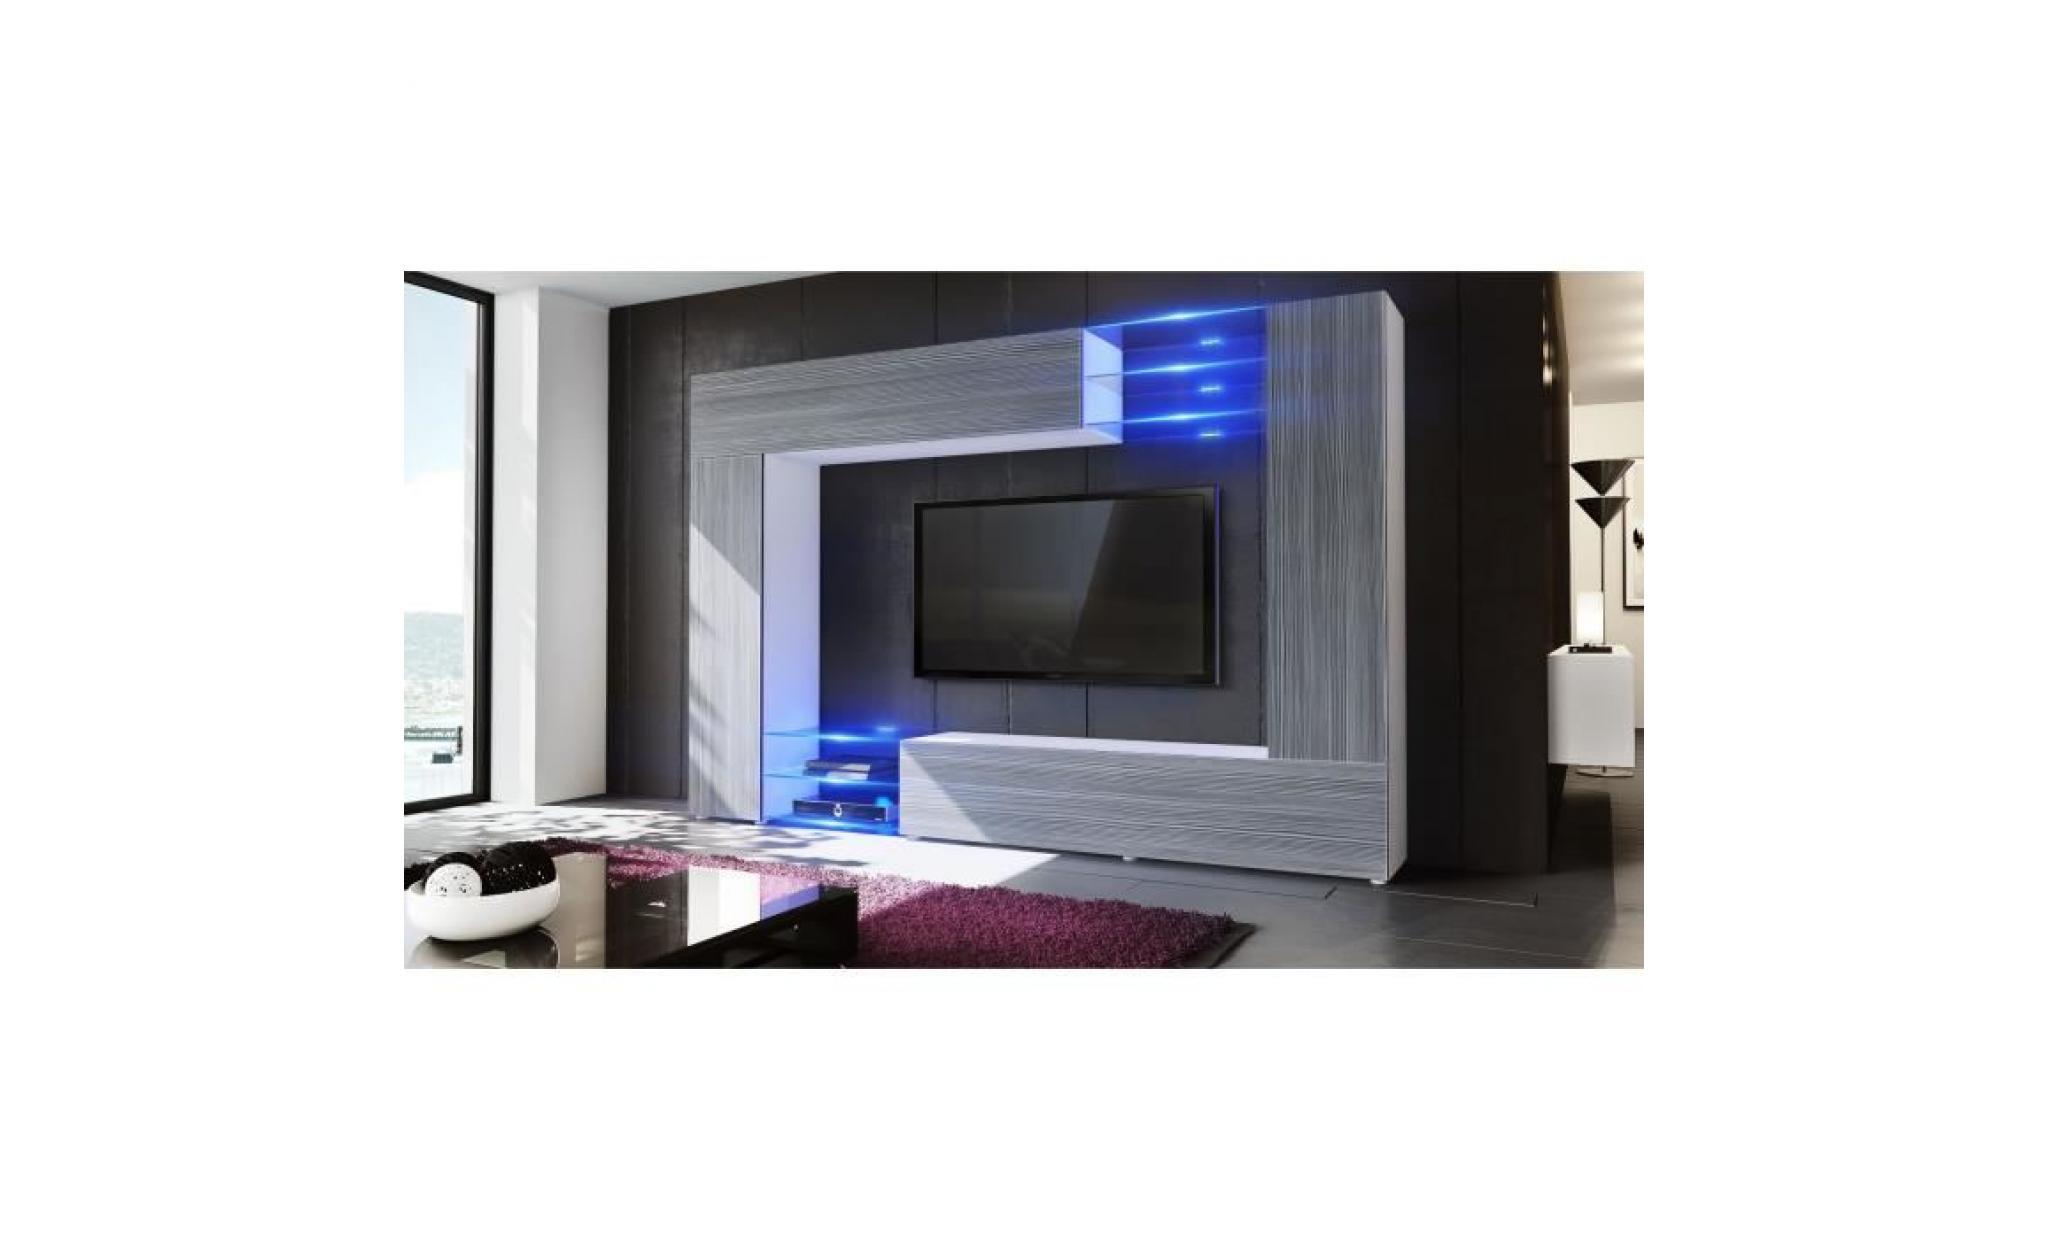 combinaison murale mirage corps en blanc mat facades en gris haute brillance avec l eclairage led achat vente meuble tv pas cher couleur et design fr